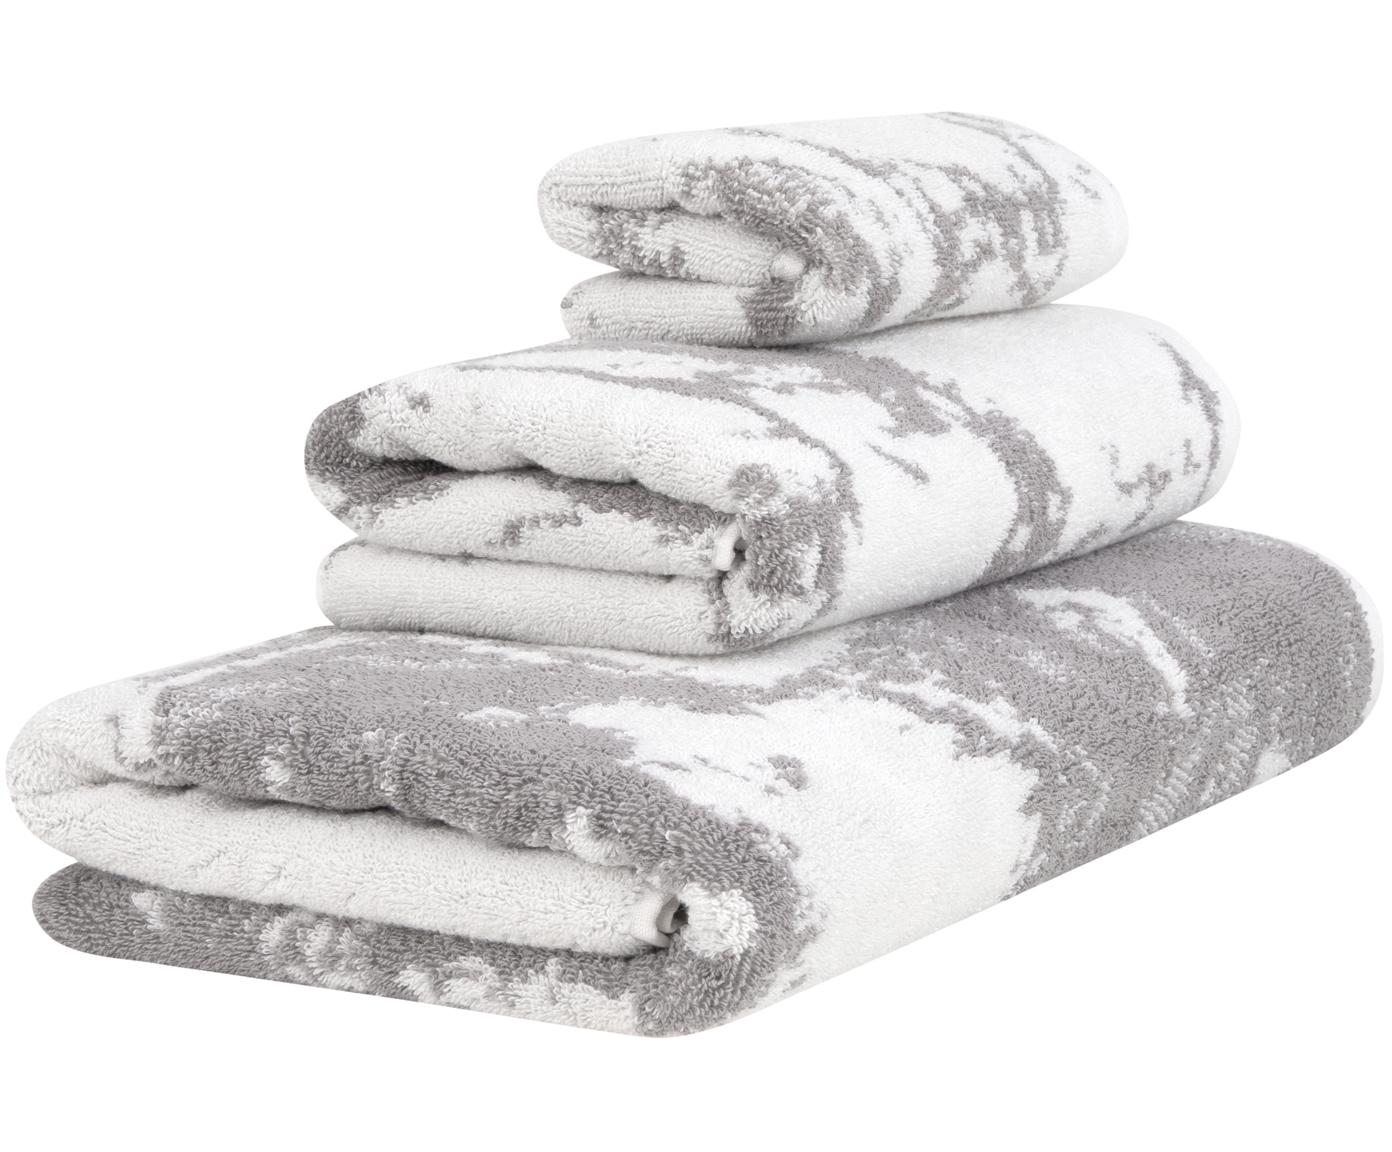 Handdoekenset Marmo, 3-delig, 100% katoen, middelzware kwaliteit, 550 g/m², Grijs, crèmewit, Verschillende formaten